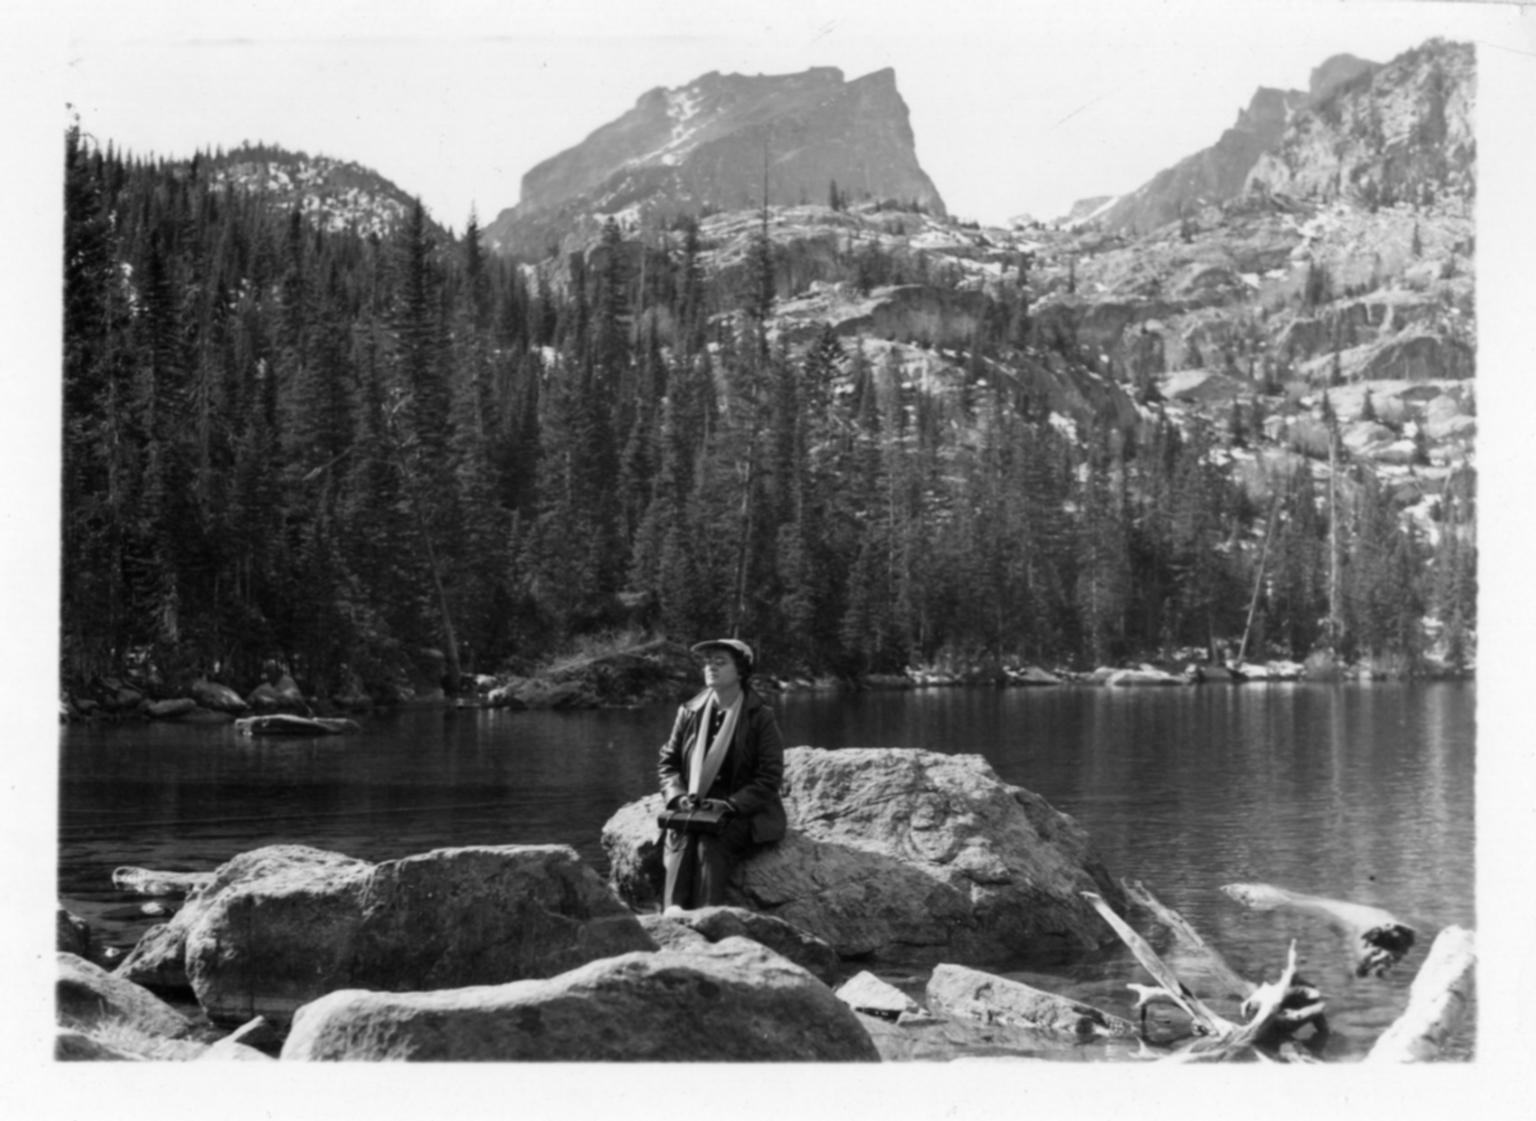 Colorado Scenery